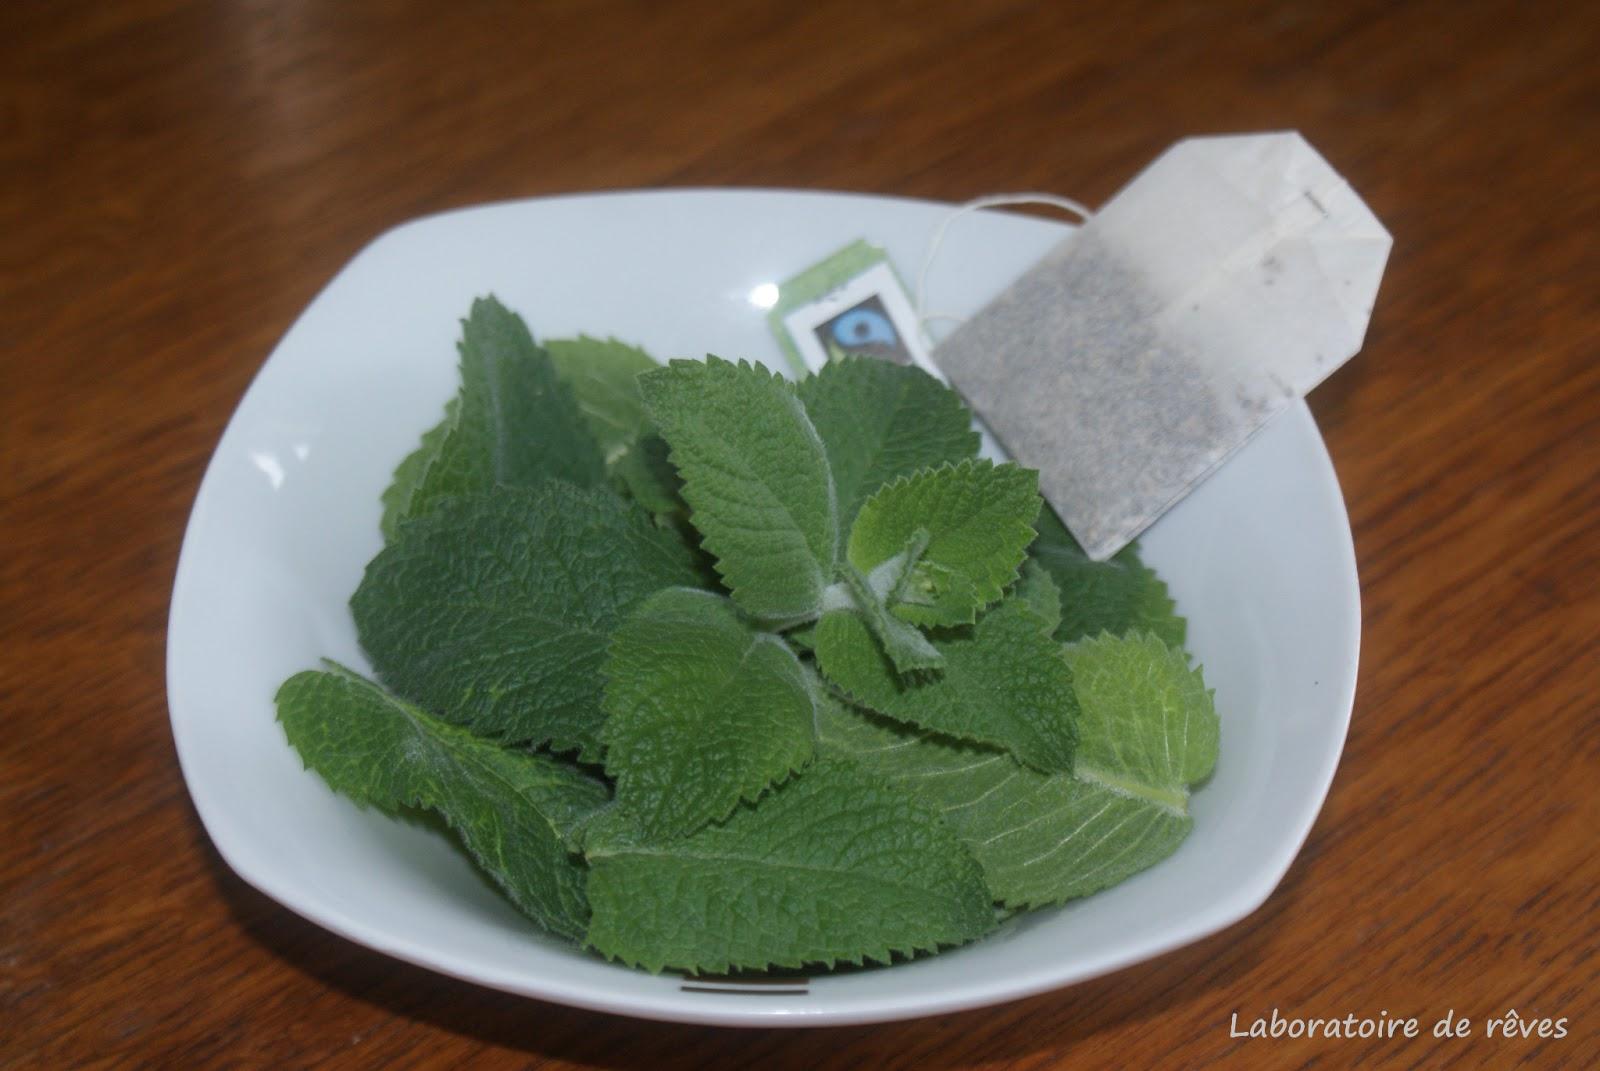 Le laboratoire de r ves th glac la menthe - Faire pousser de la menthe ...